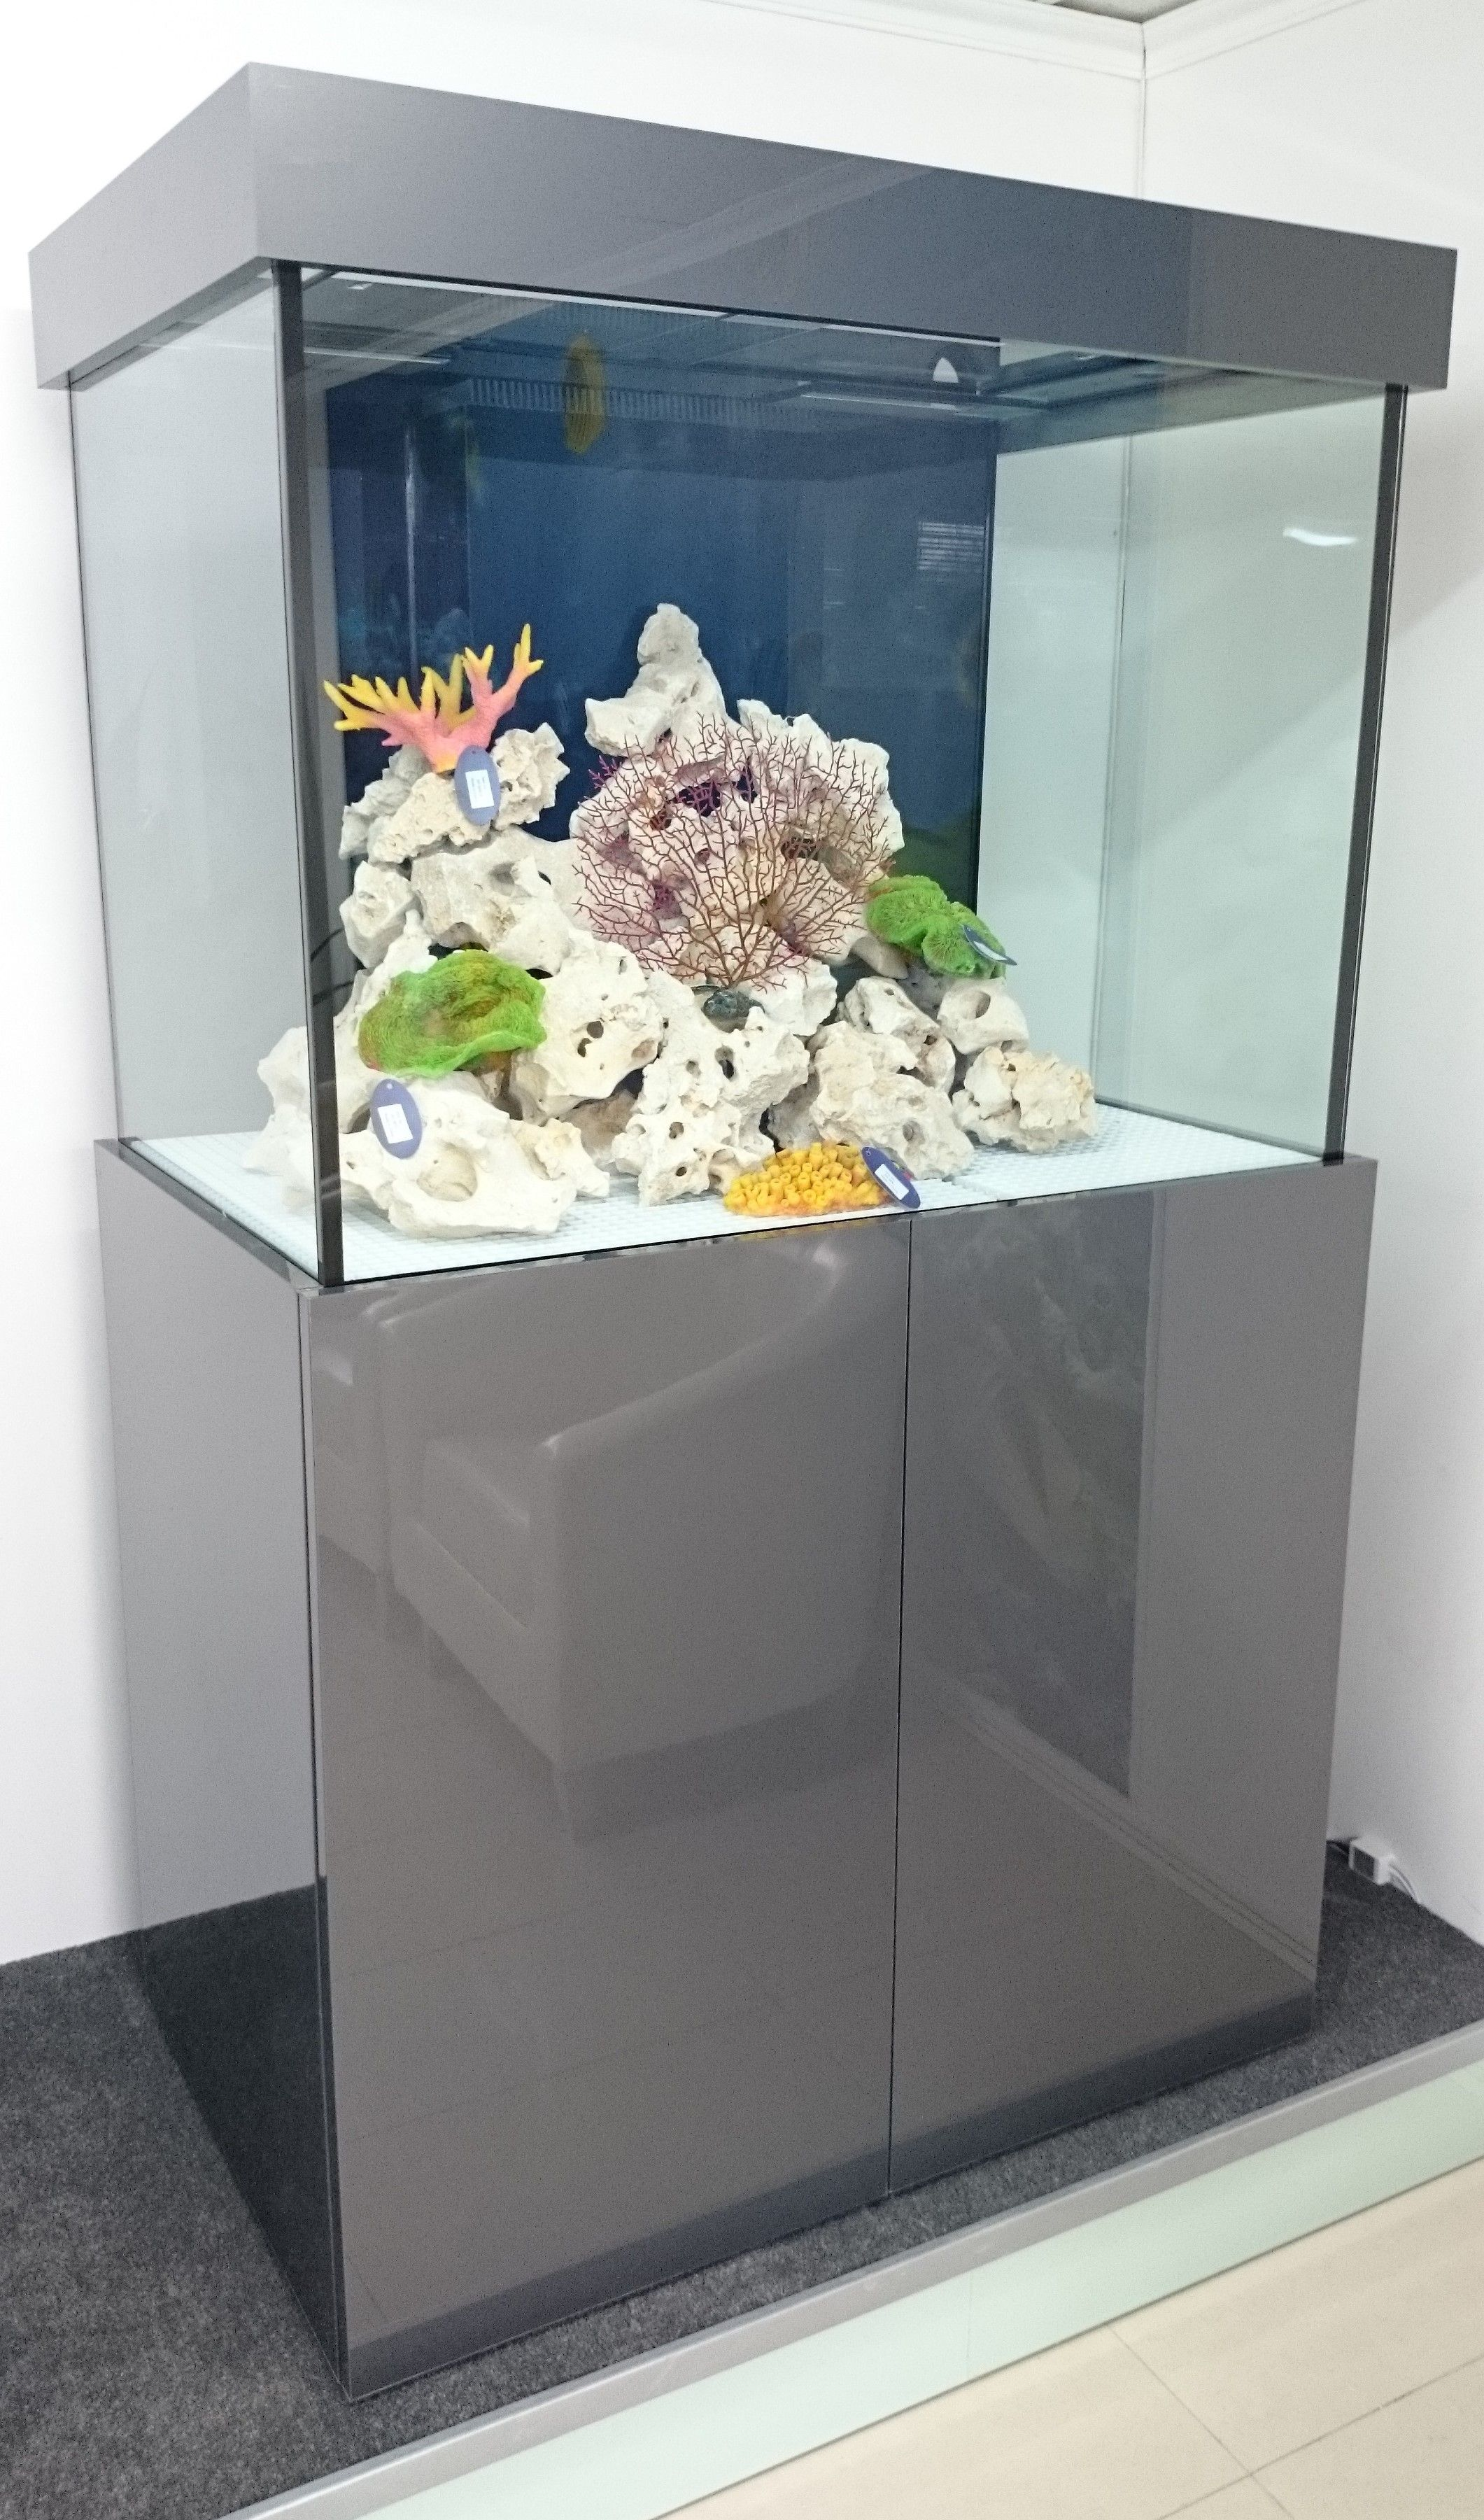 d188f45fc17b6fa0782fc91239ae2de8 Frais De Aquarium Recifal Complet Concept